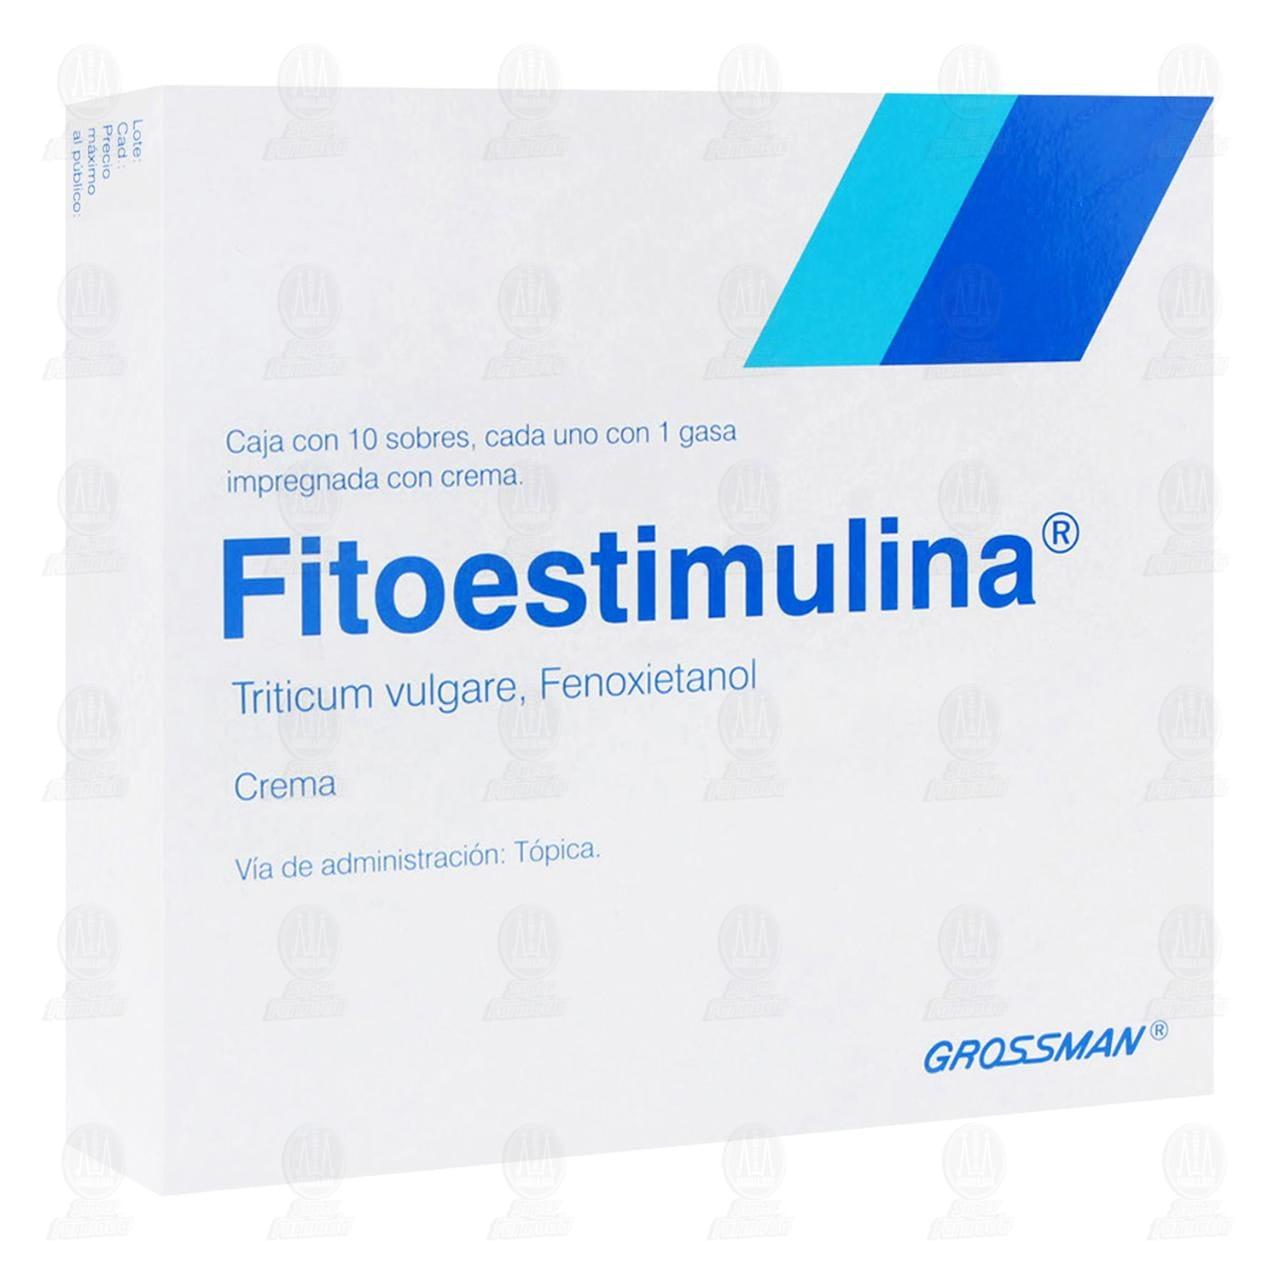 Comprar Fitoestimulina 10 Sobres en Farmacias Guadalajara